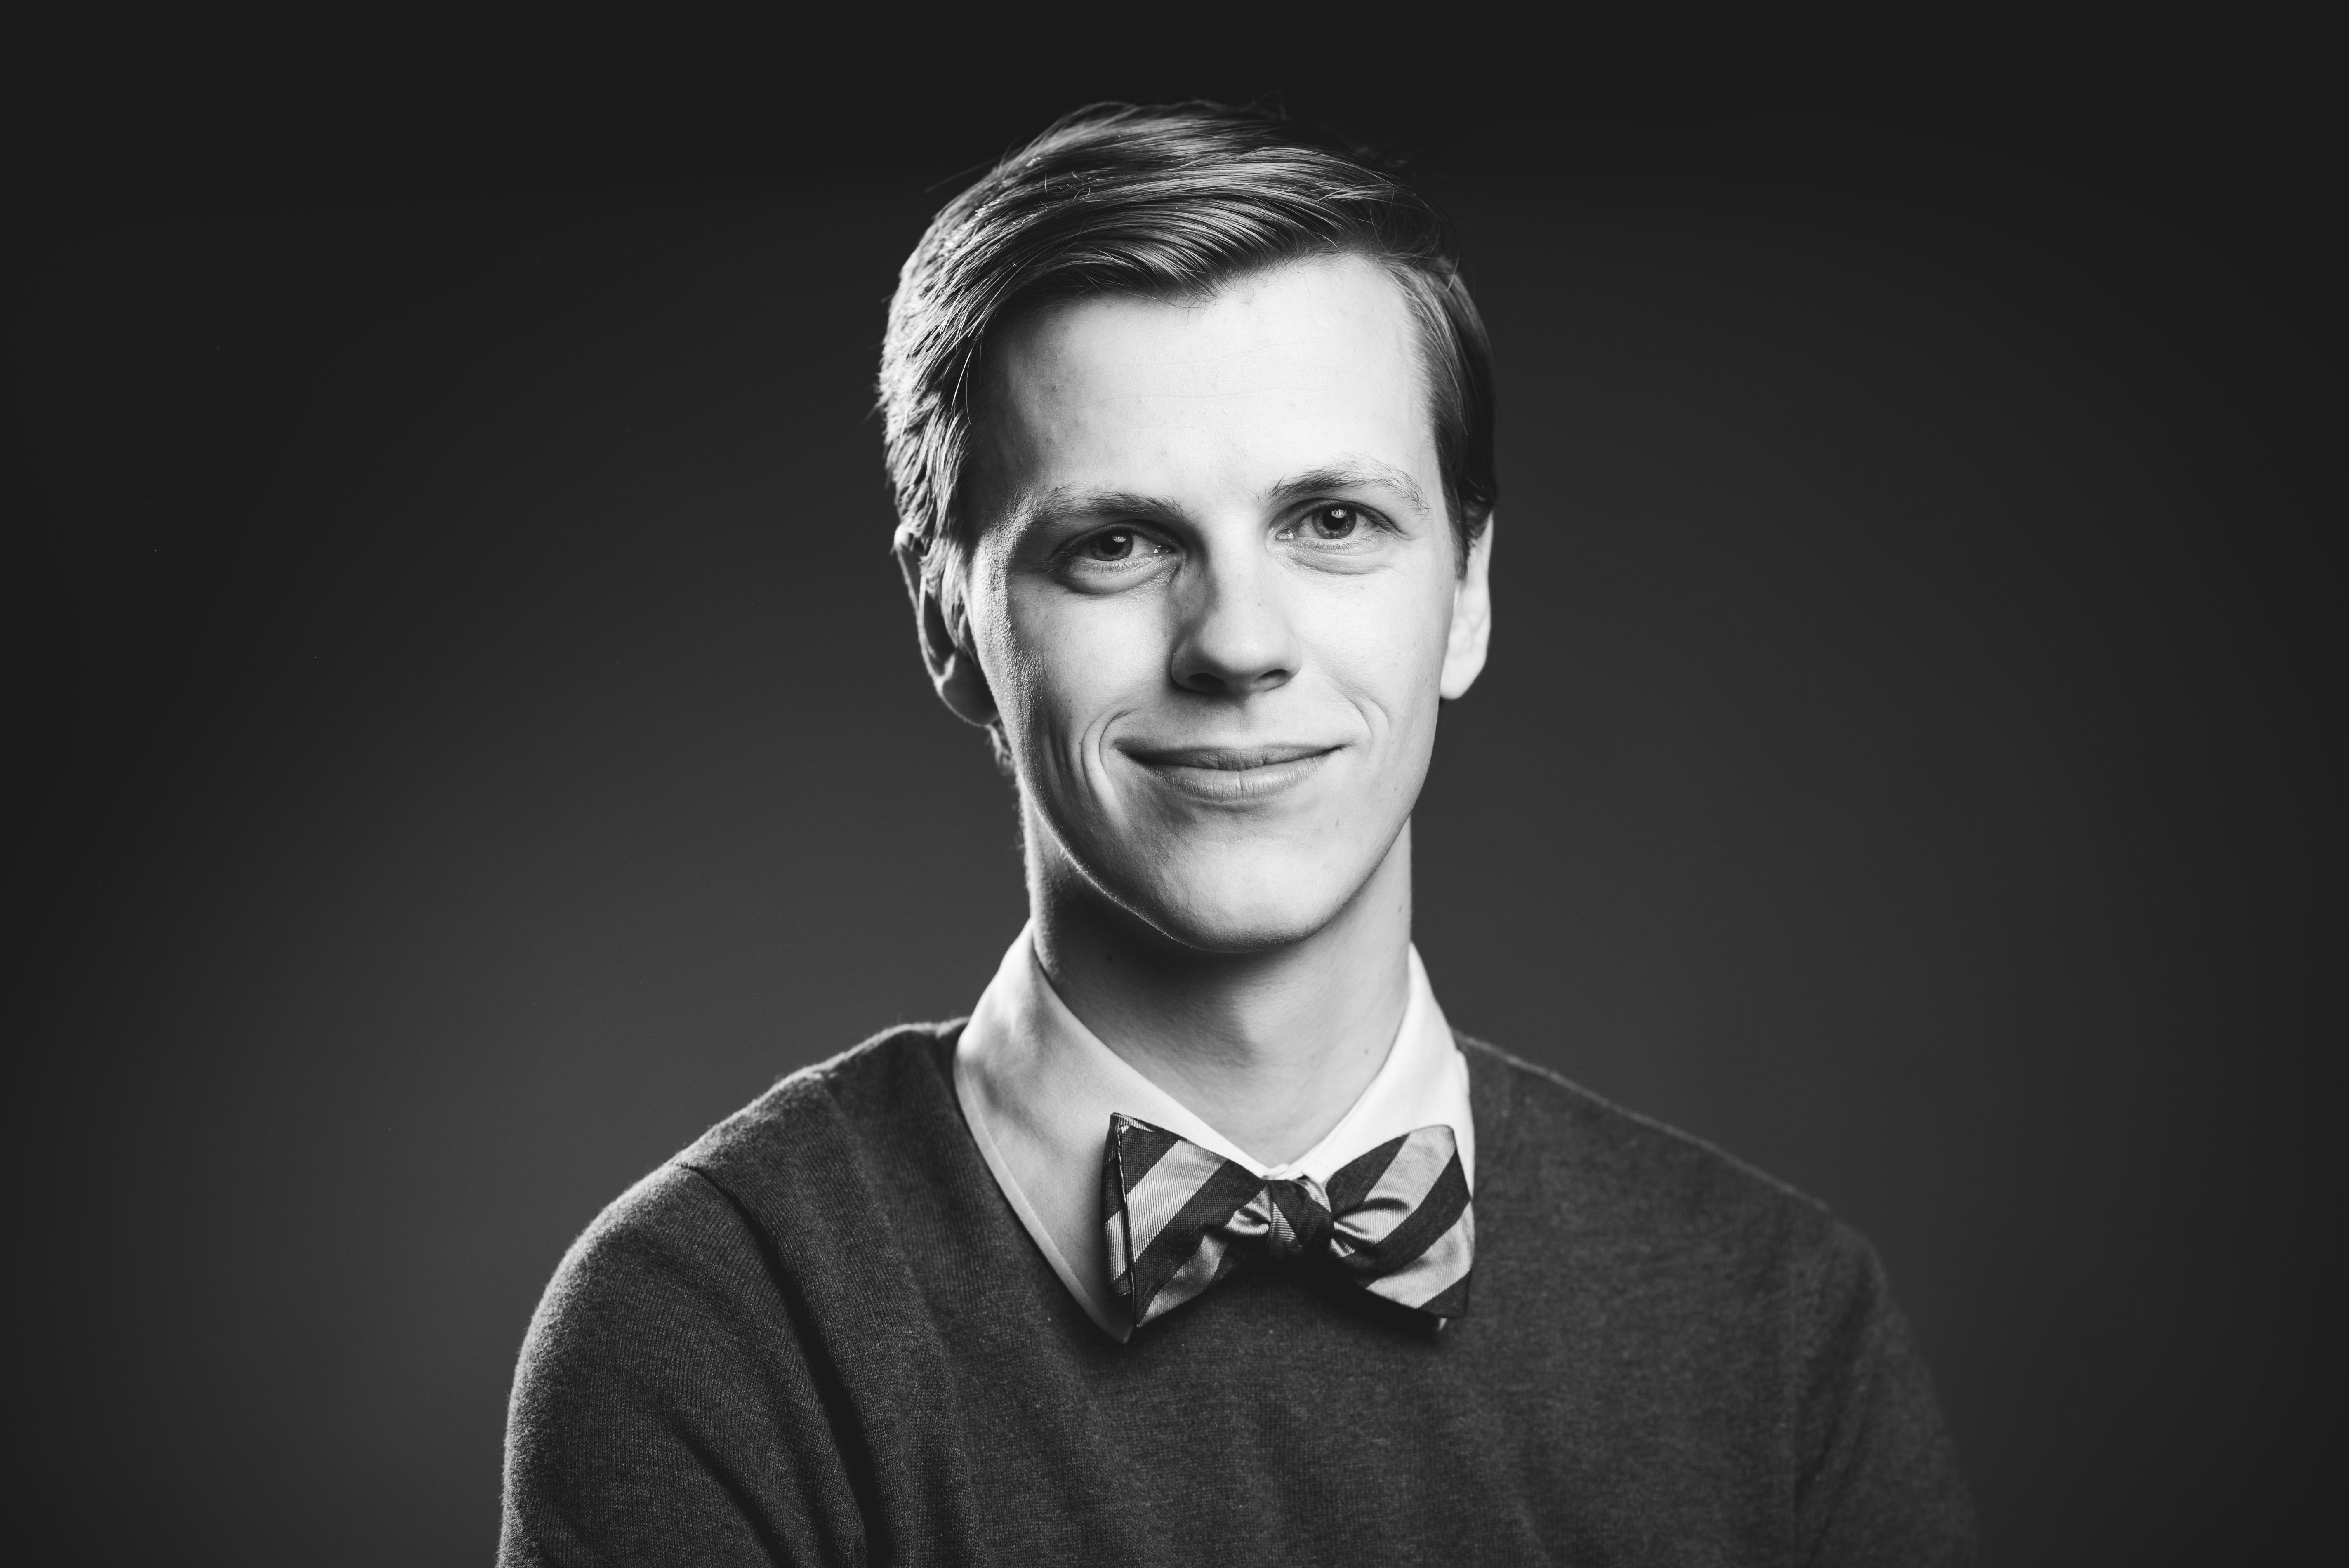 Forfatter og redaktør: Hans Fredrik Sunde